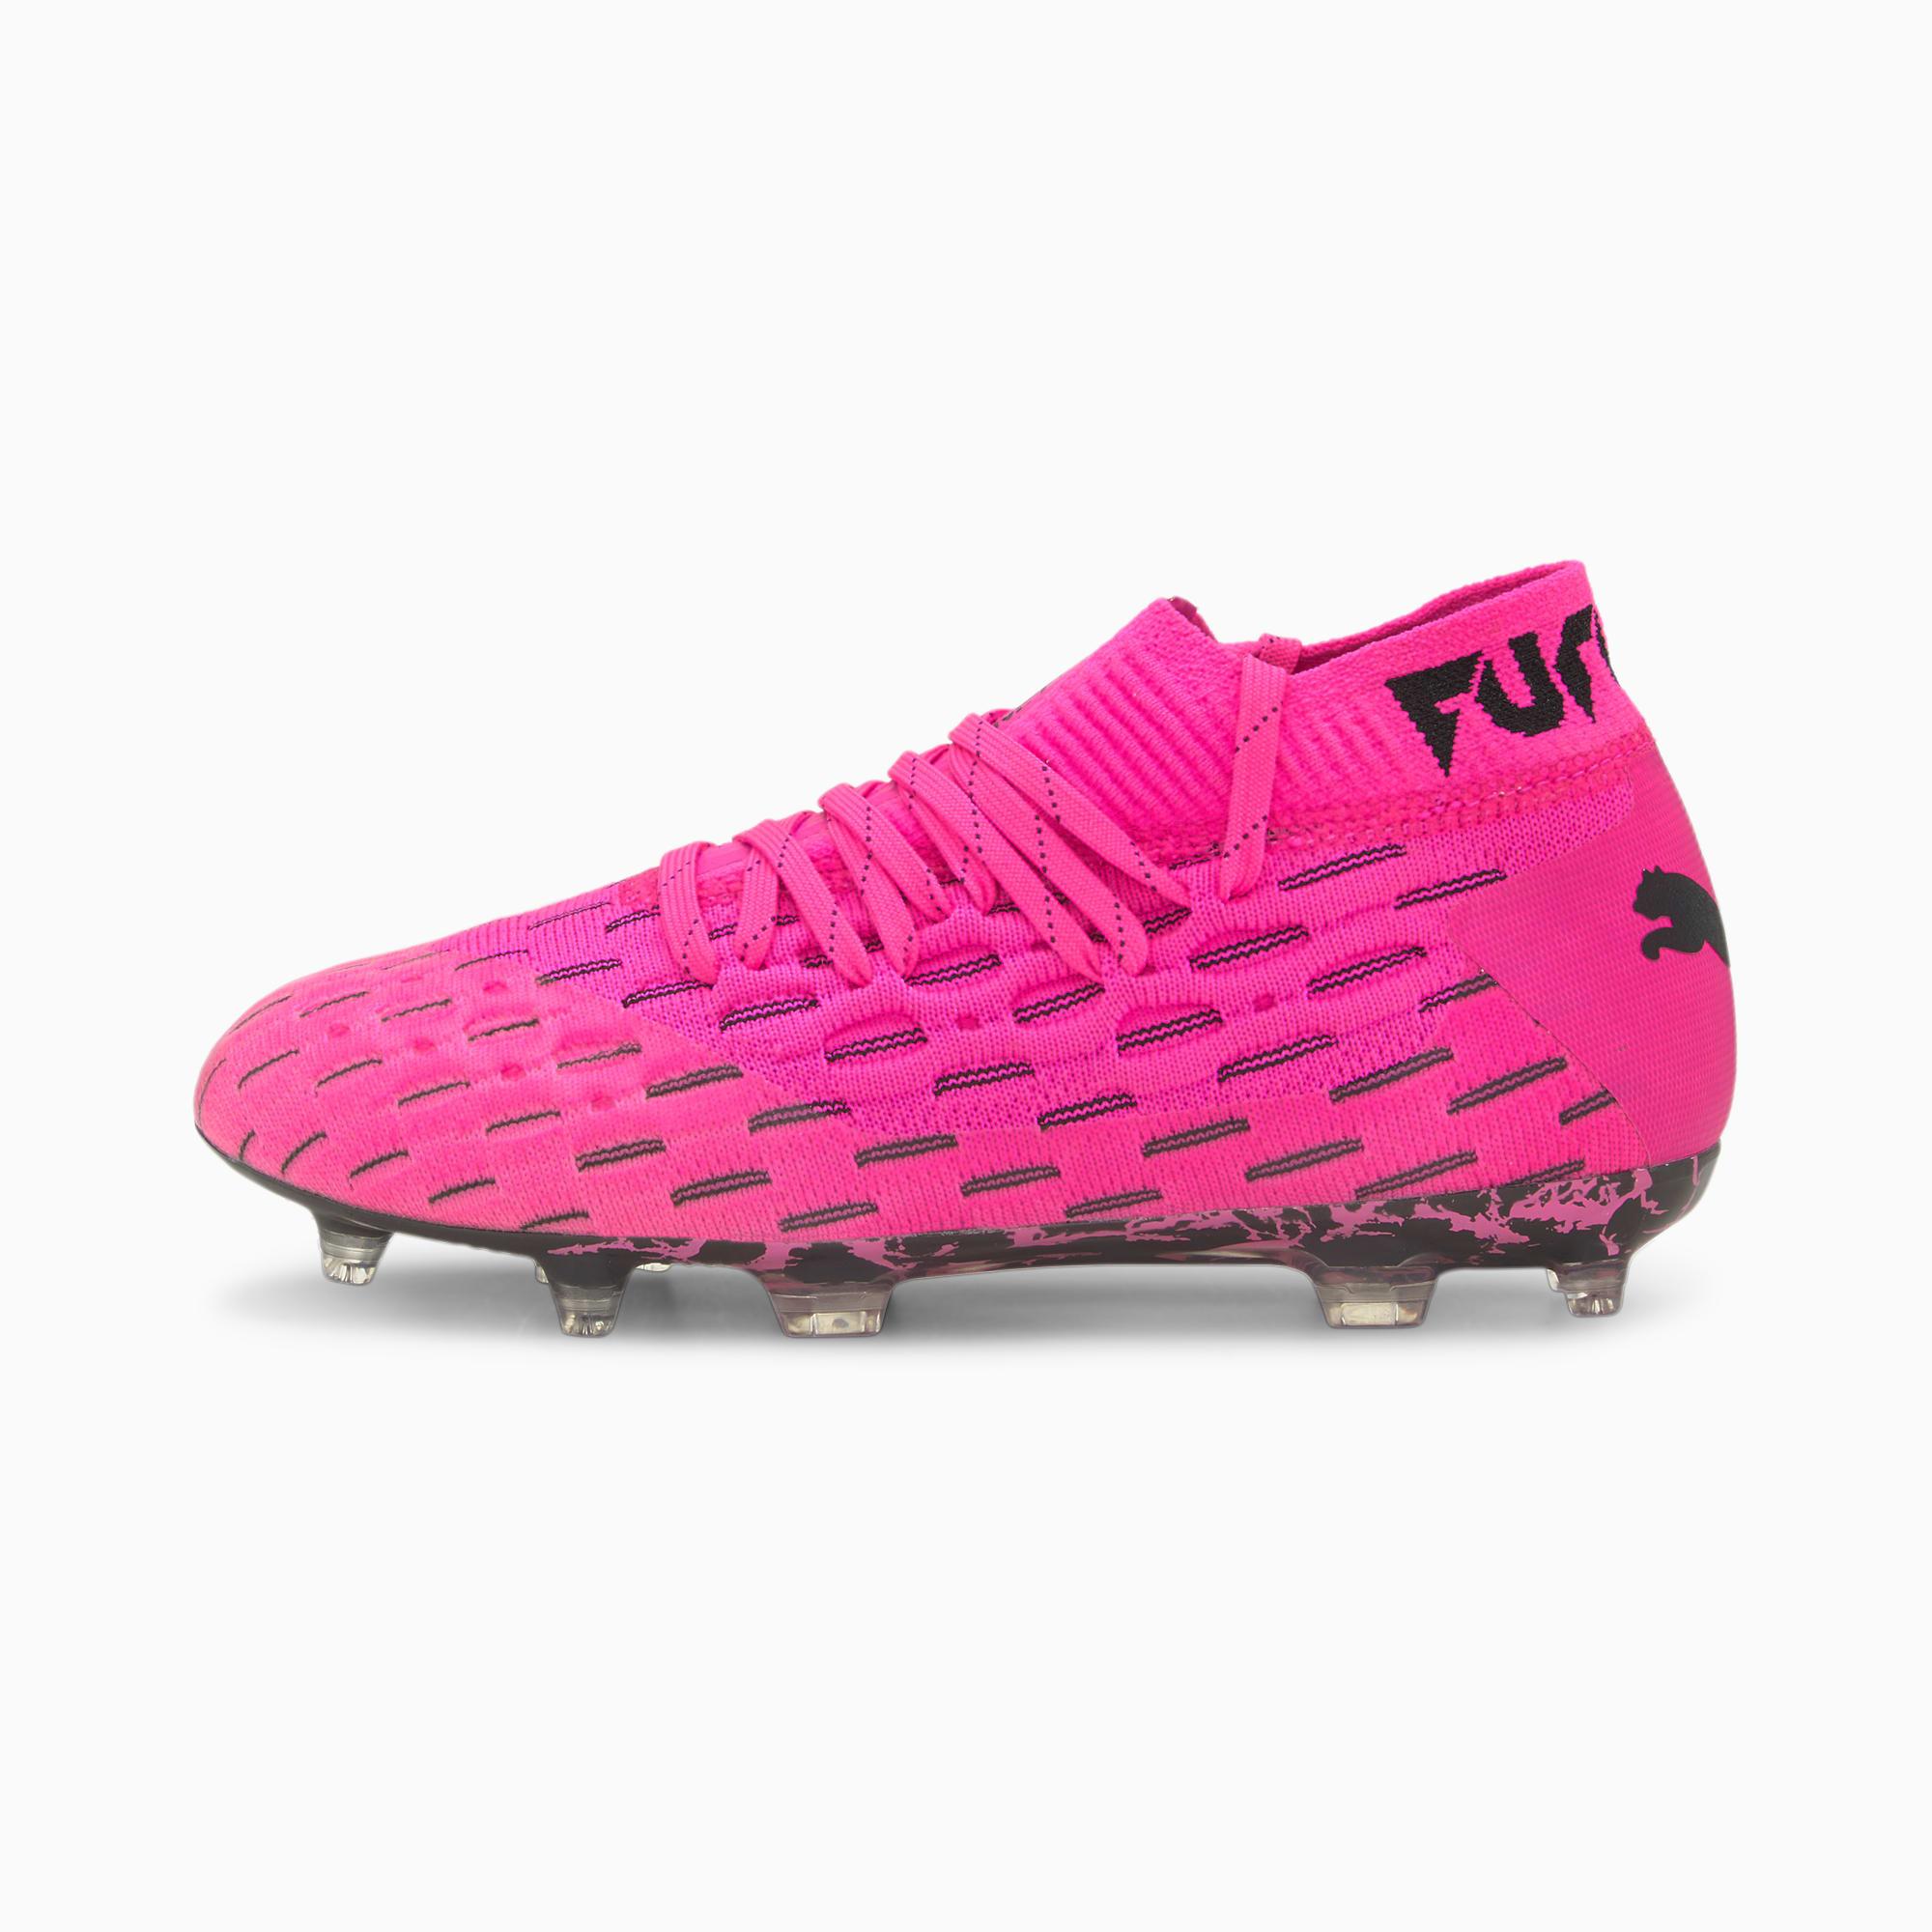 FUTURE 6.1 NETFIT FG/AG voetbalschoenen, Roze/Zwart, Maat 38   PUMA